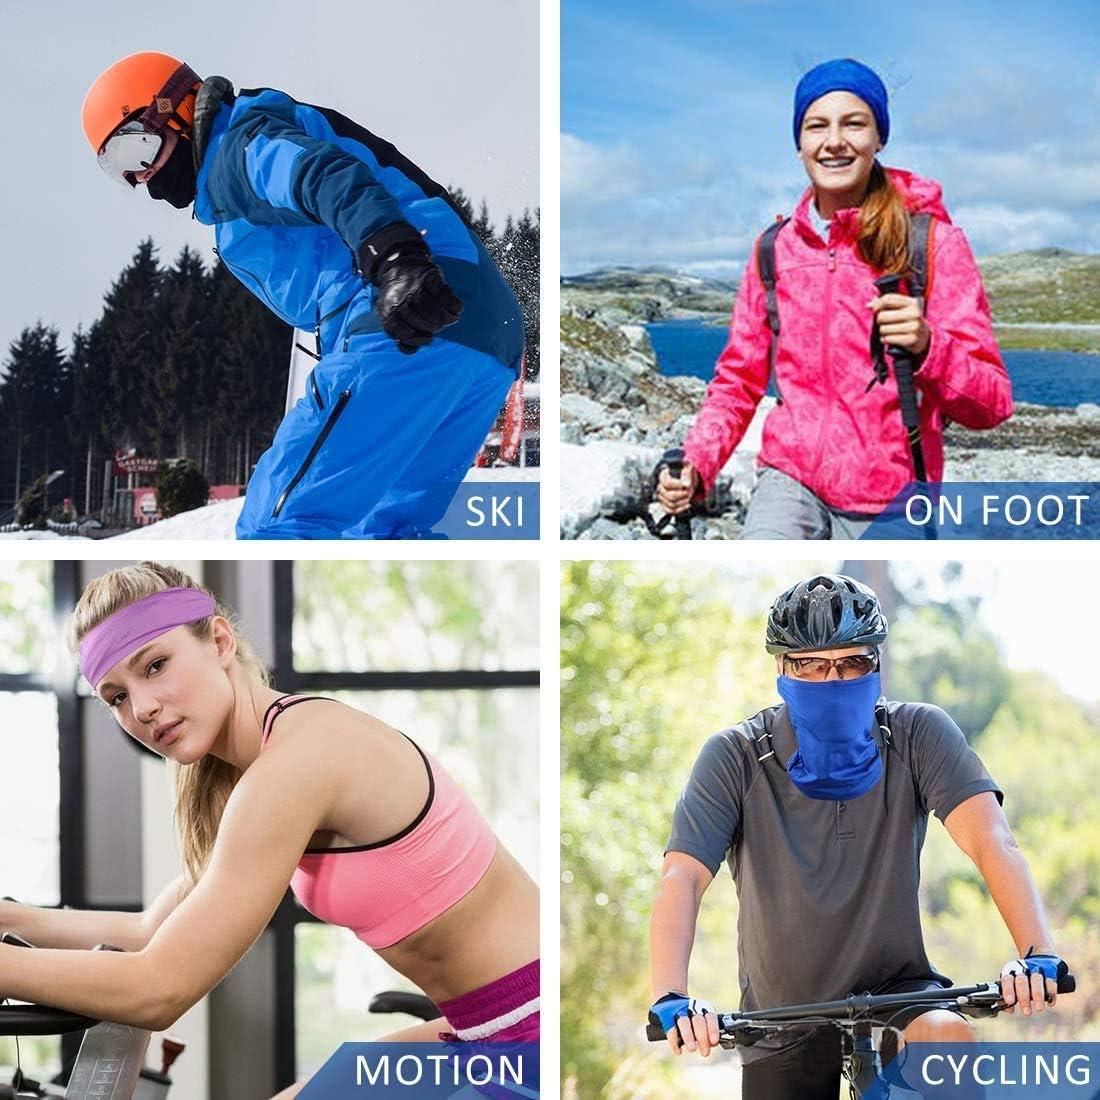 Latocos 6 Piezas Bandana Multiusos Pa/ñuelos Cabeza para Ciclismo Bici Motolista Deporte Aire Libre para Hacer Yoga Senderismo Montar en Moto Protecci/ón UVA y Antiinsectos